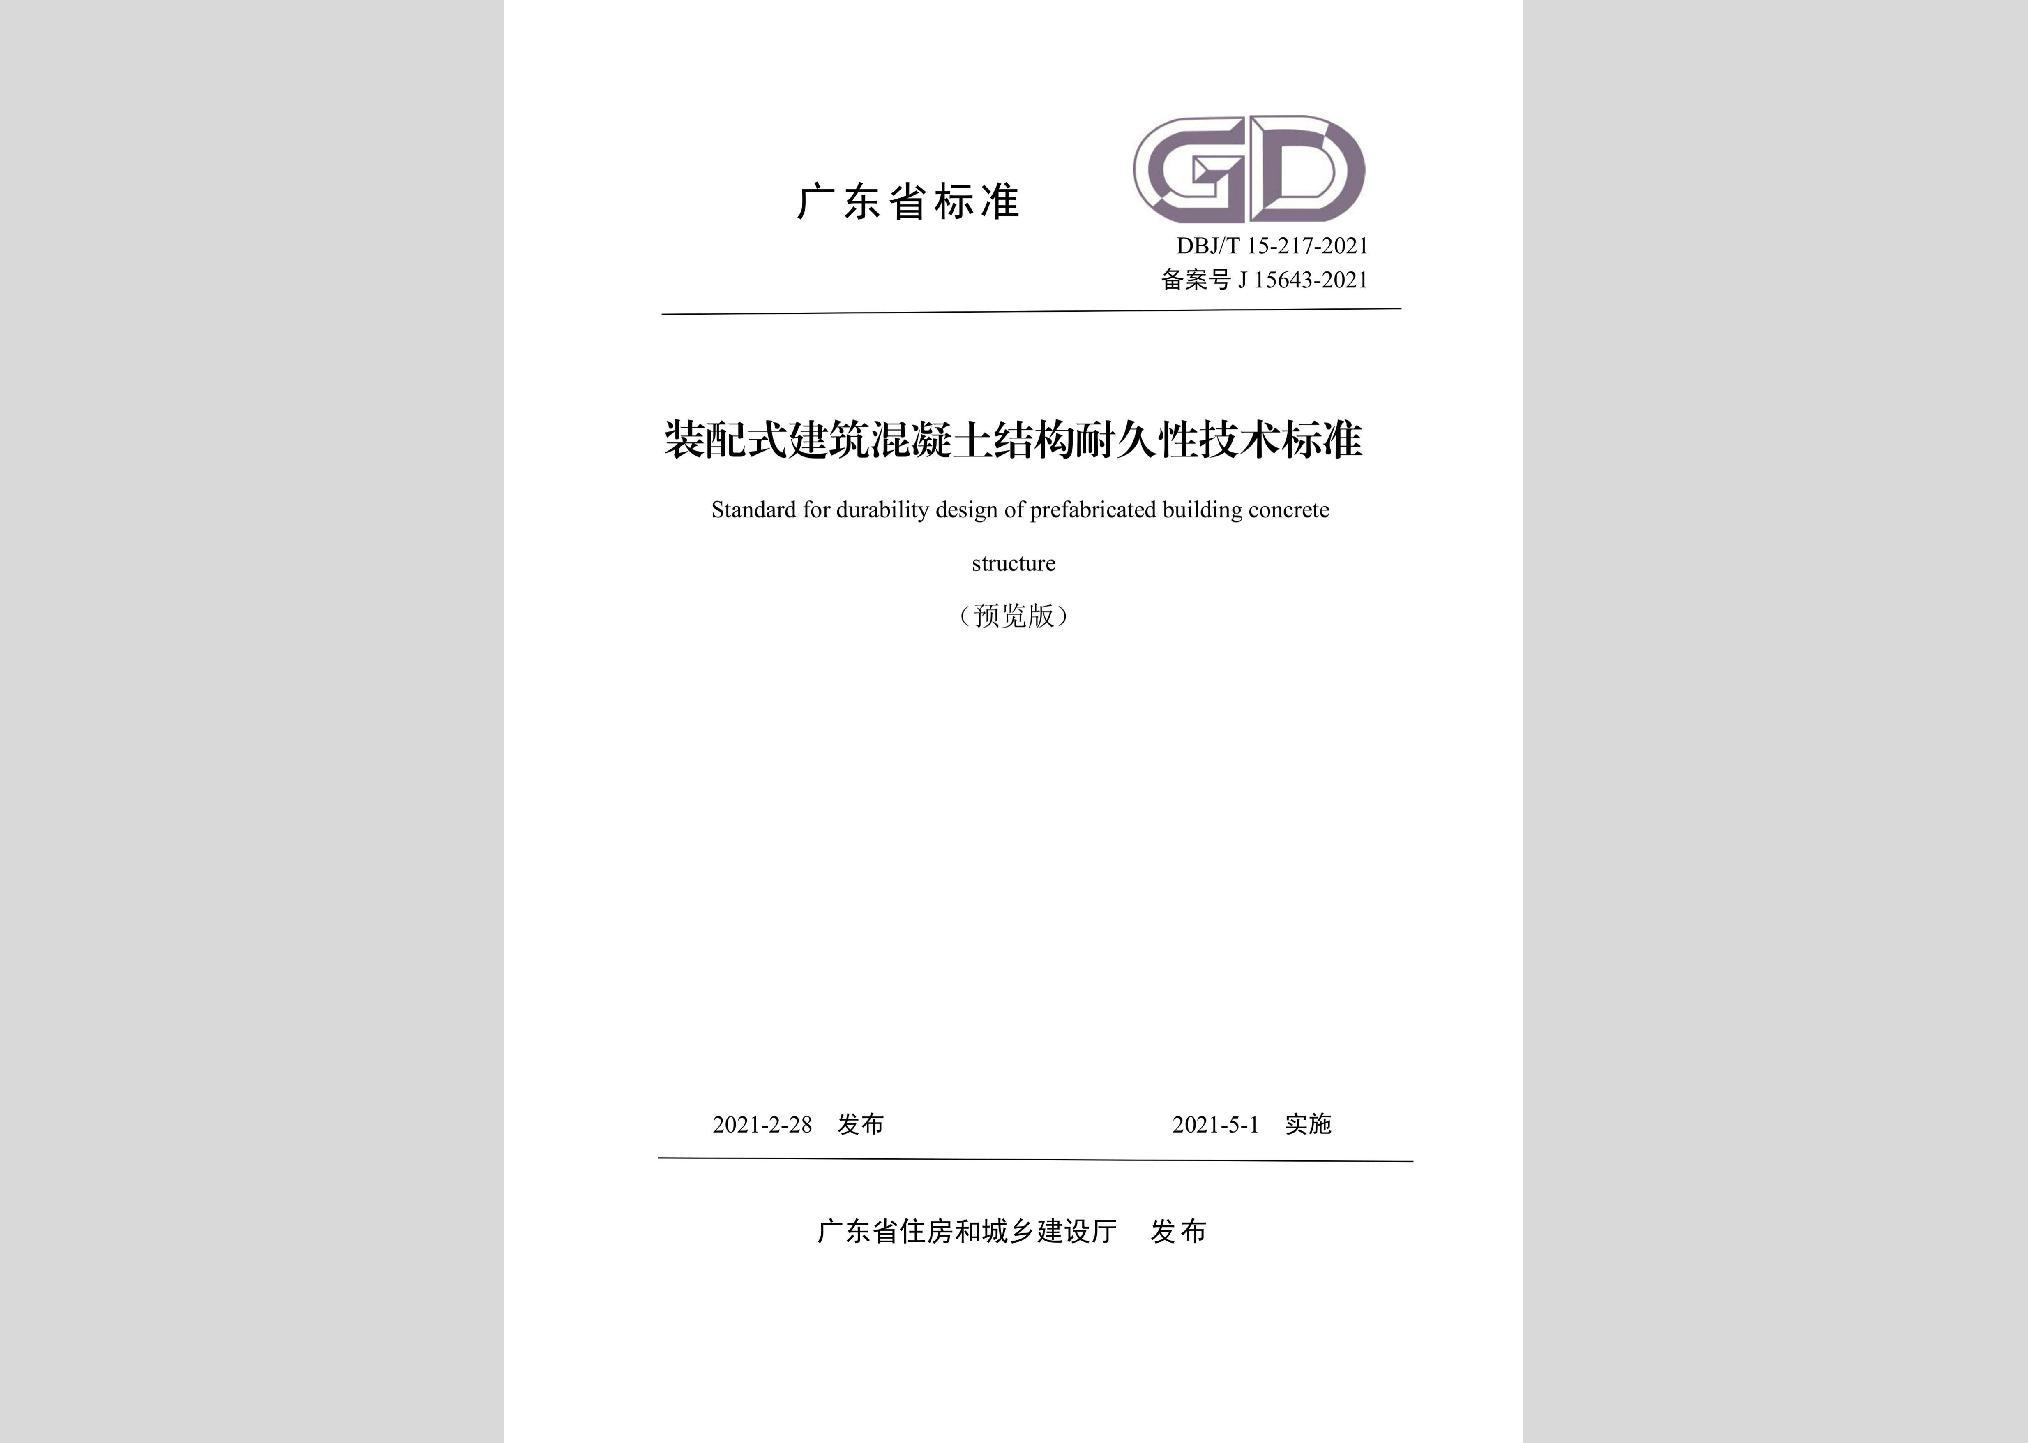 DBJ/T15-217-2021:装配式建筑混凝土结构耐久性技术标准